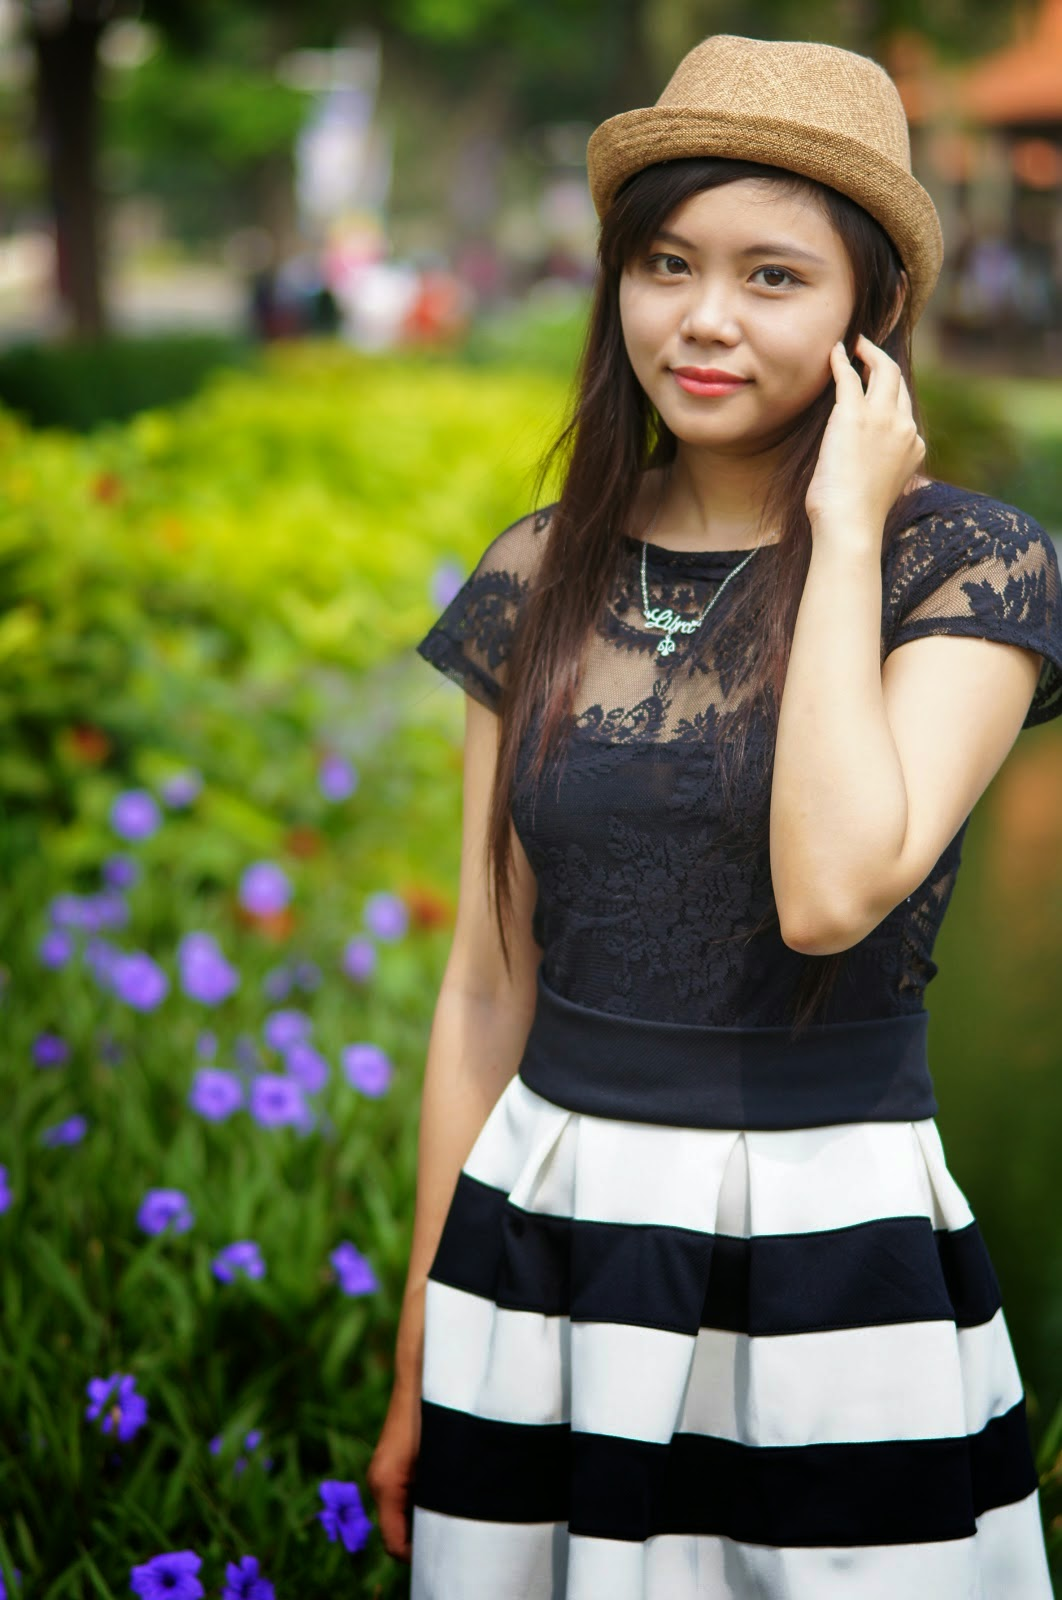 Ảnh đẹp girl xinh dáng đẹp - Ảnh 14